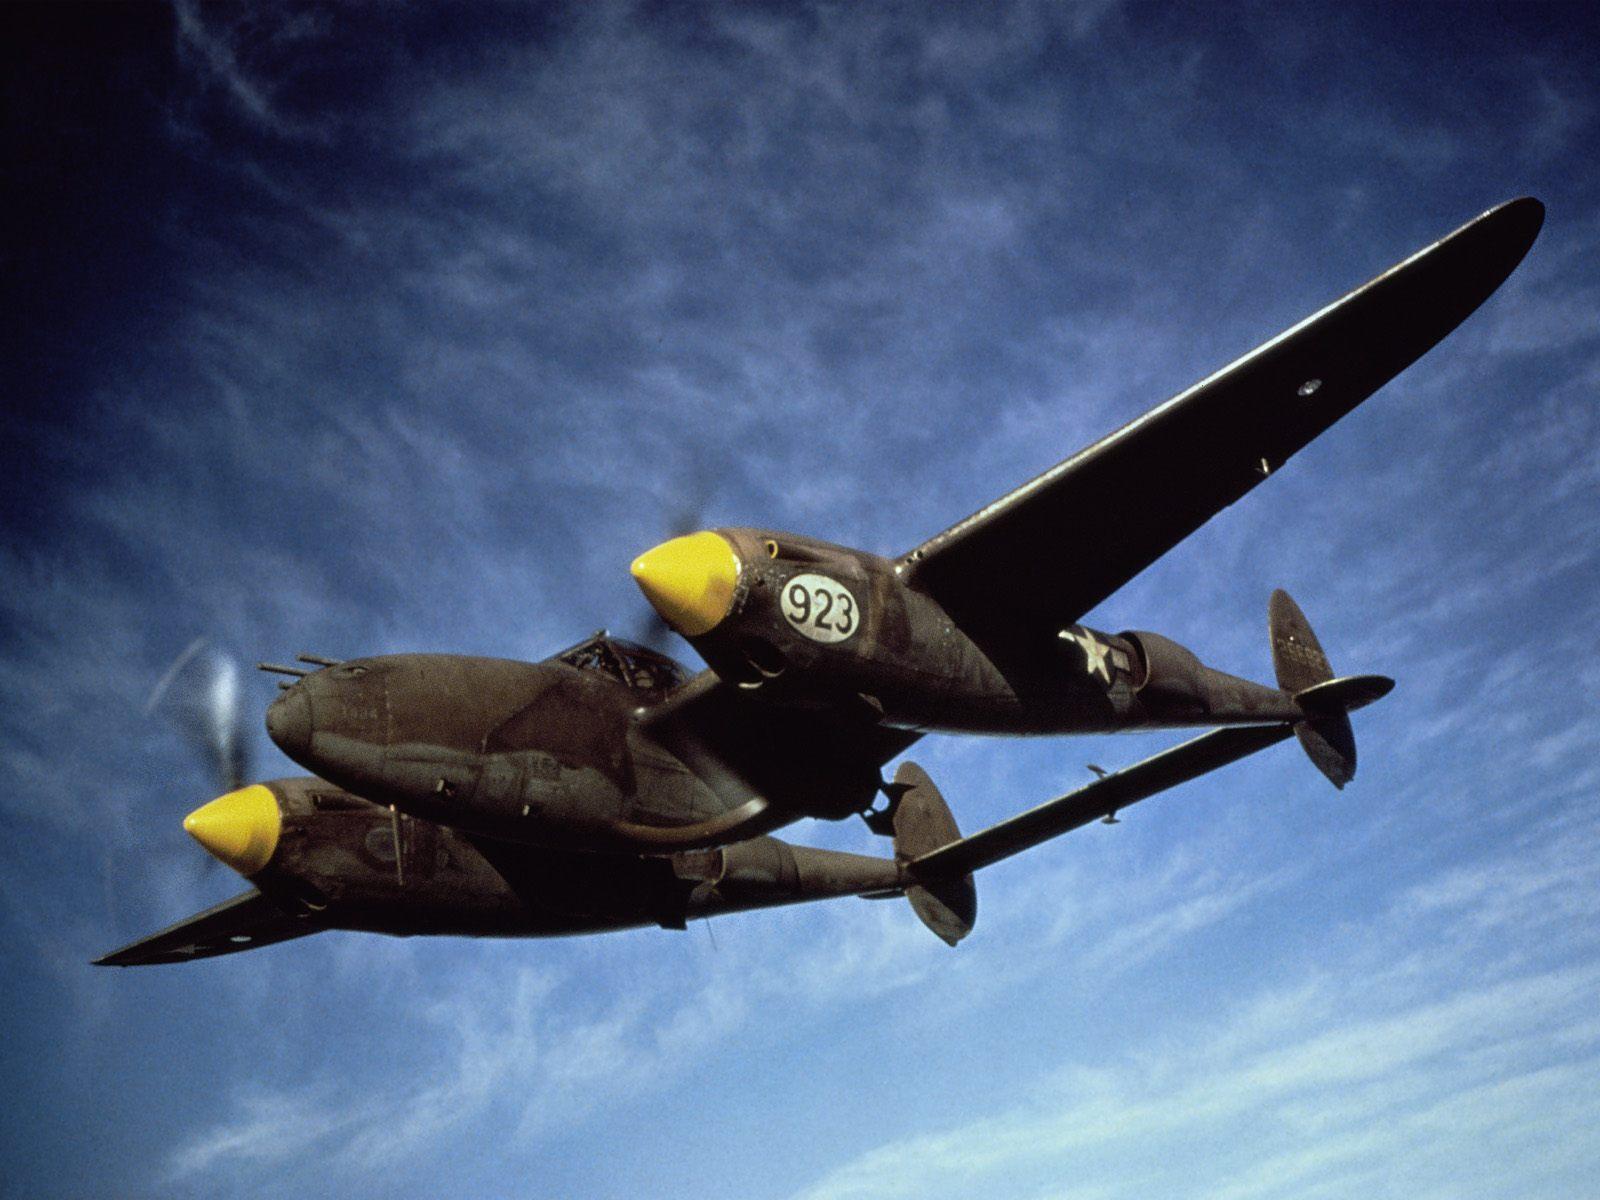 P 38 Lightning Wallpaper P 38 Lightning - Aircr...